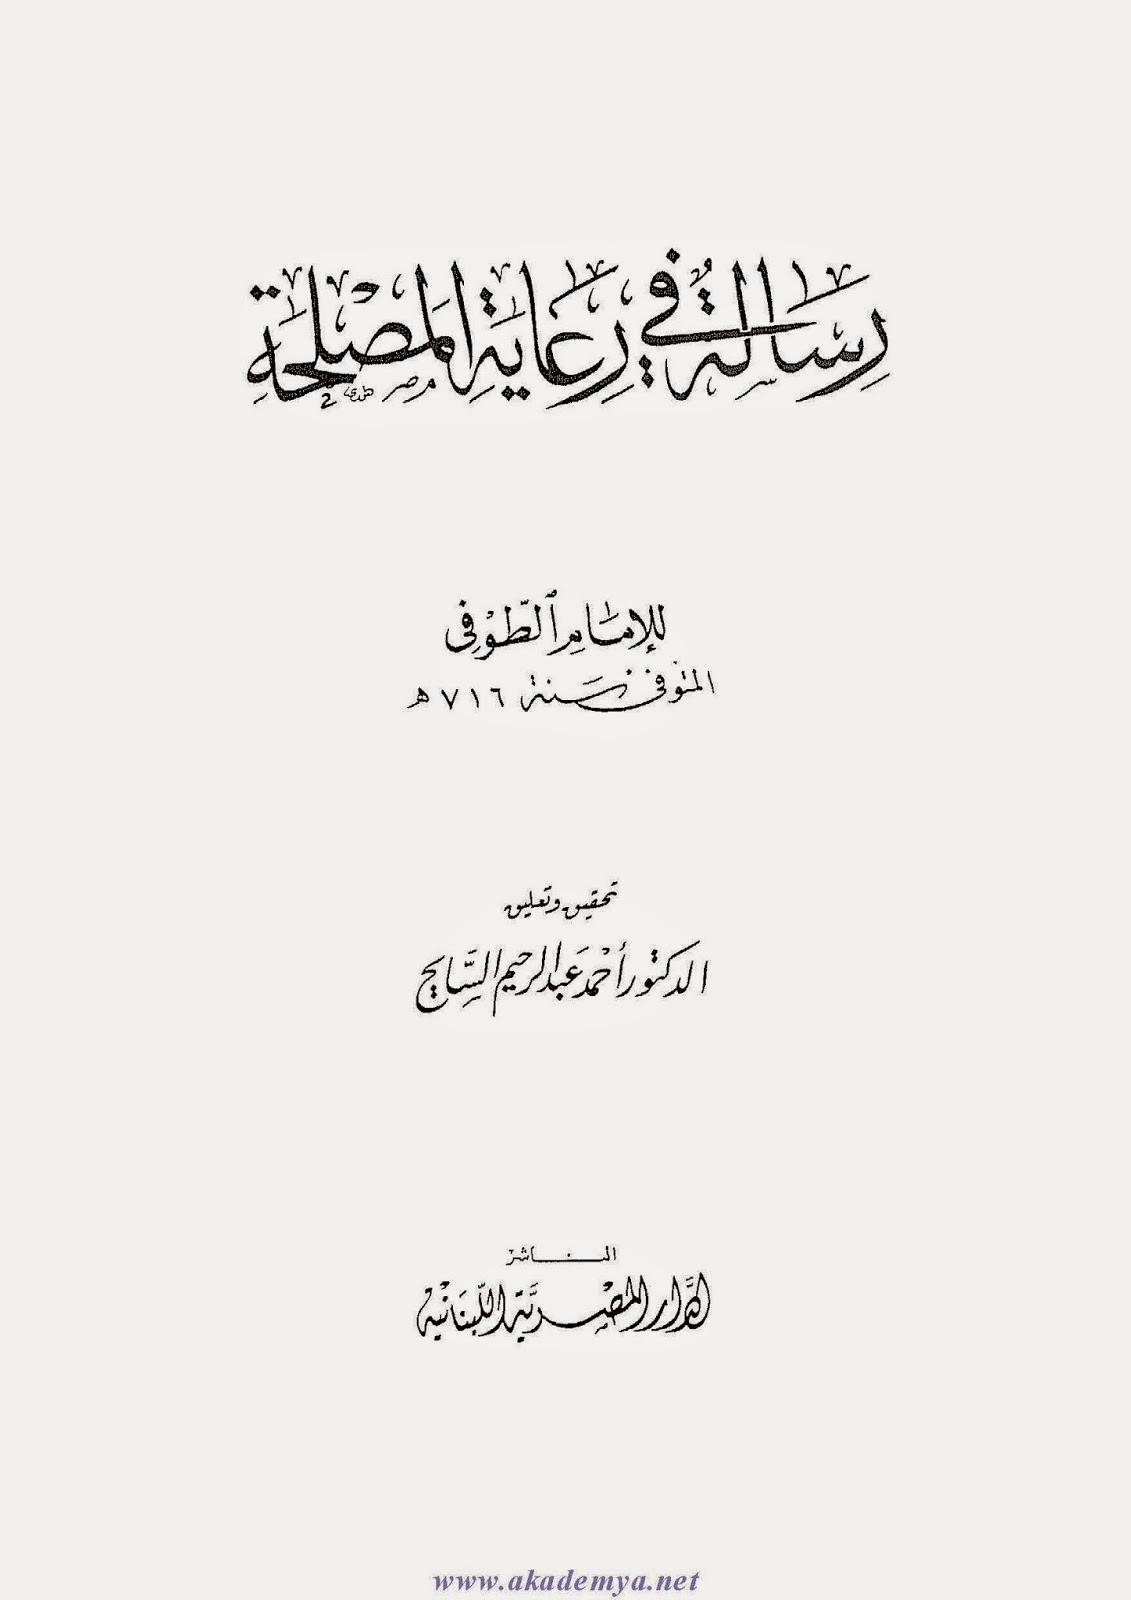 رسالة في رعاية المصالح لللإمام الطوفي